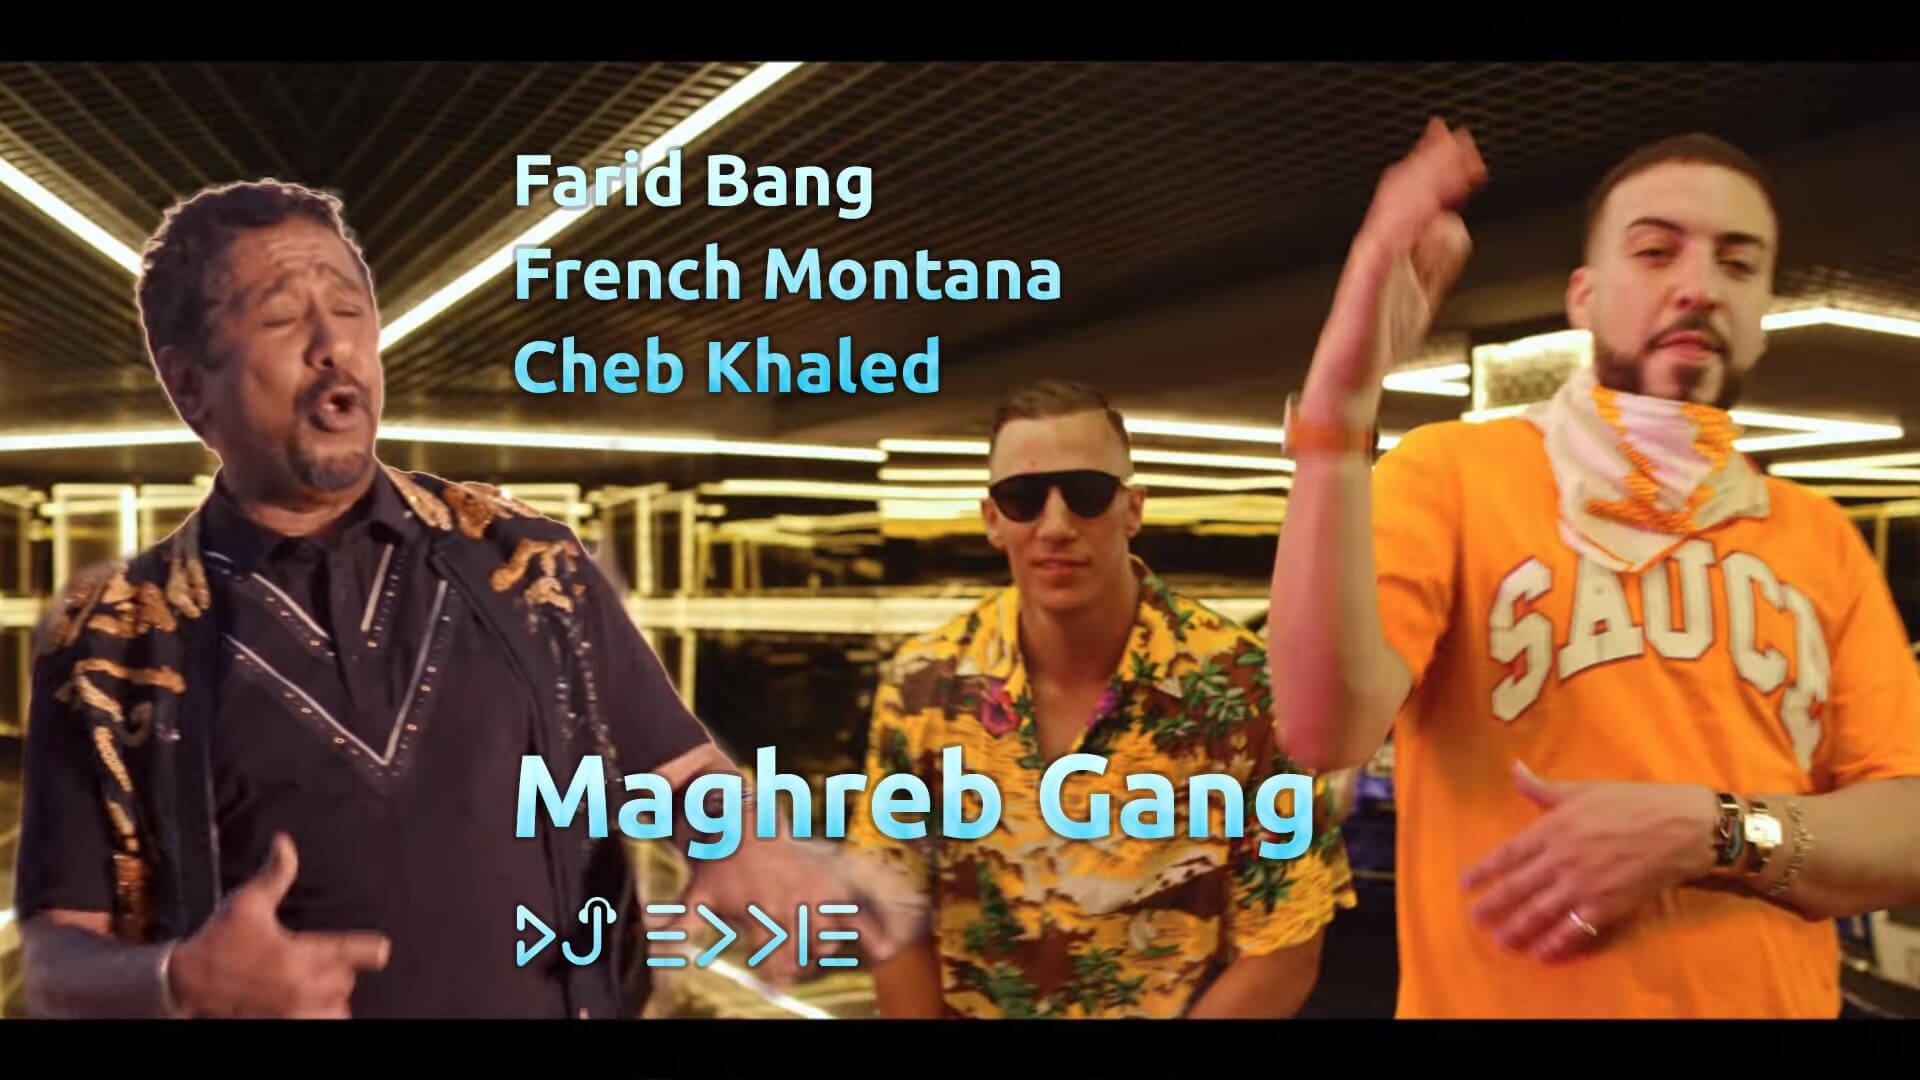 Farid Bang & French Montana & Cheb Khaled - Maghreb Gang